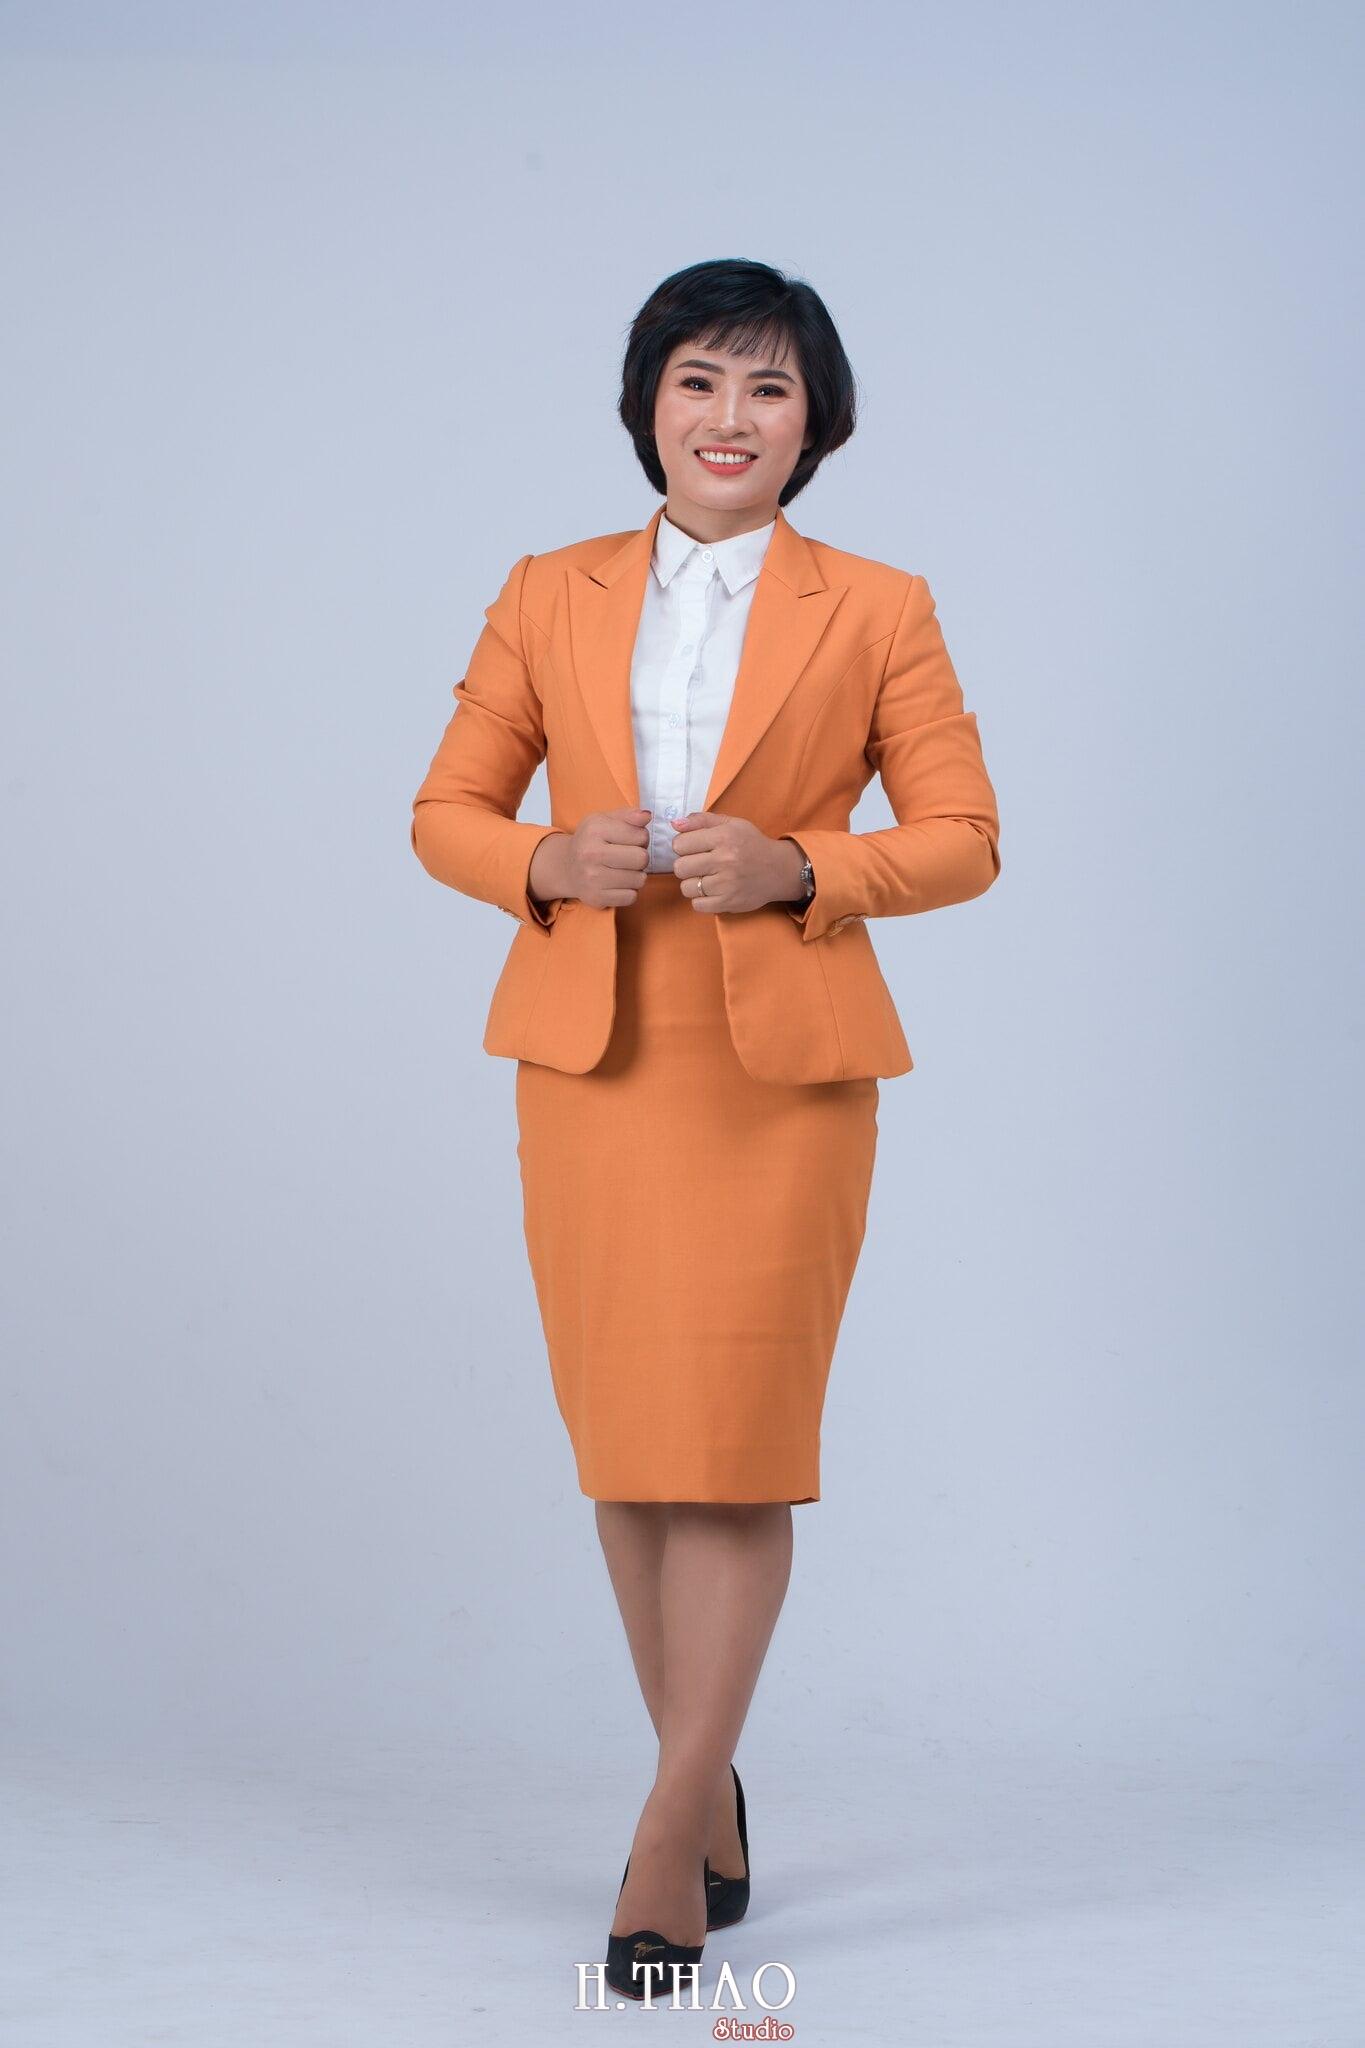 chan dung nghe nghiep 3 - Album ảnh profile cá nhân chị Ny Manulife - HThao Studio